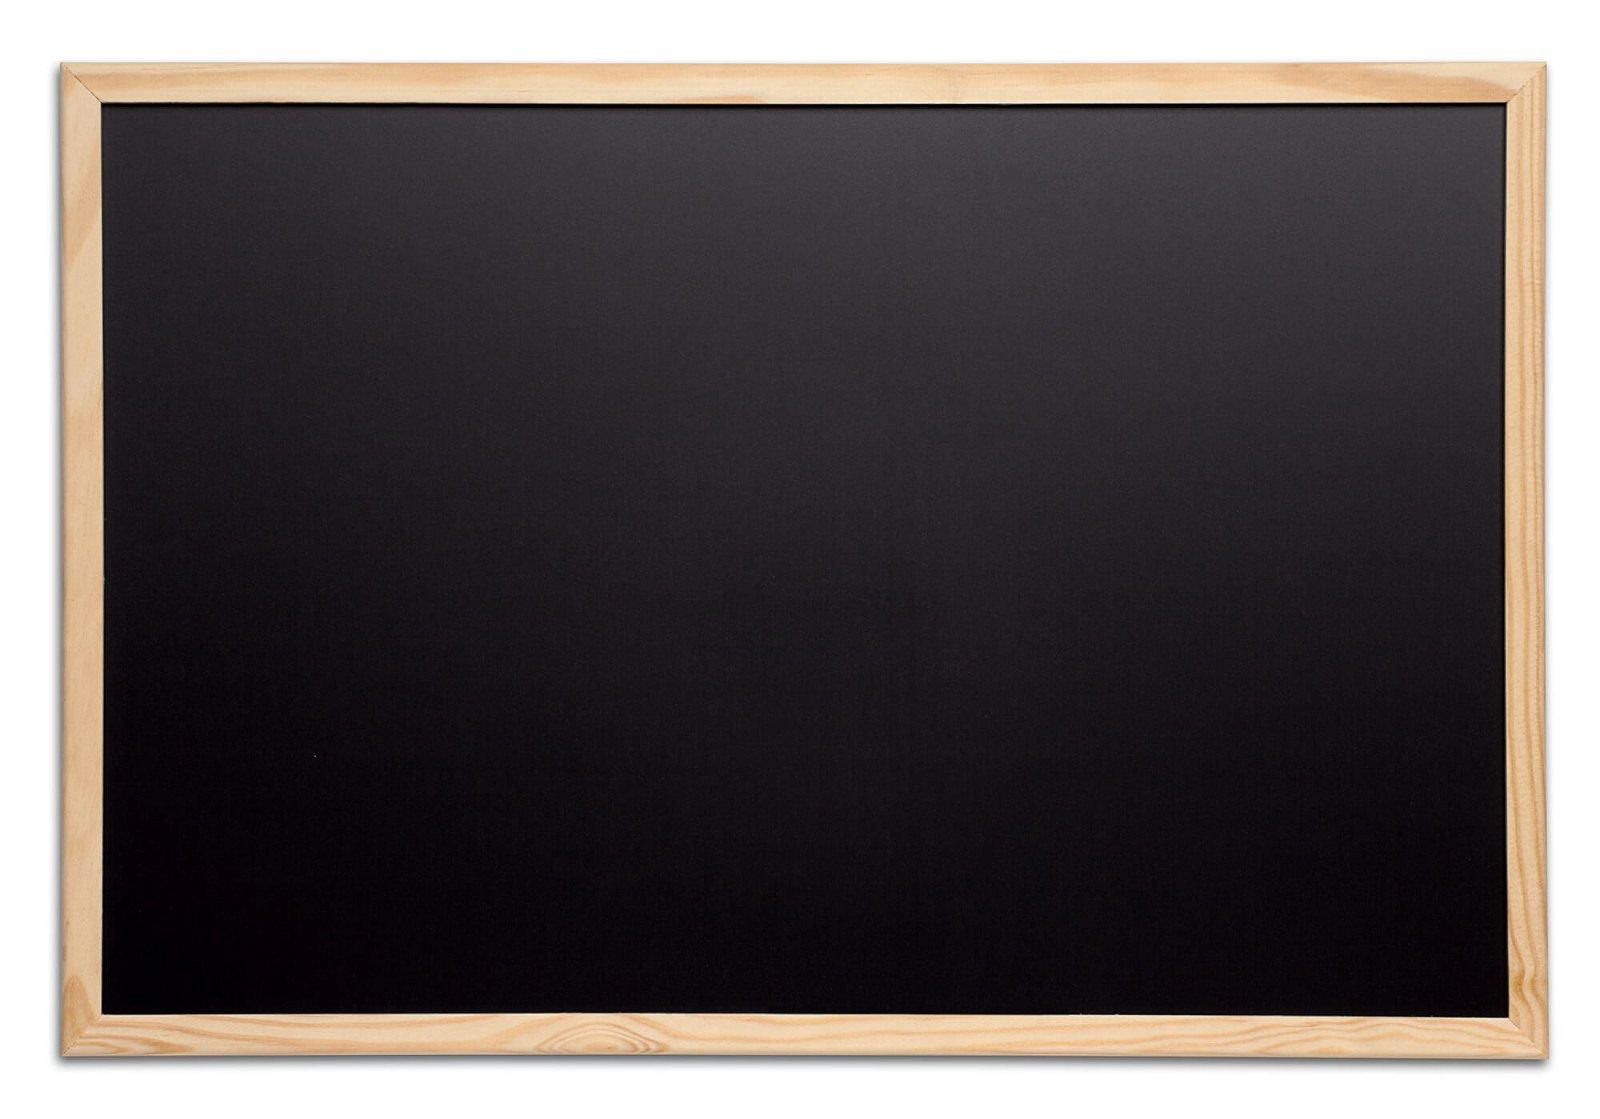 Kreidetafel mit Holzrahmen, 40x60 cm, holz